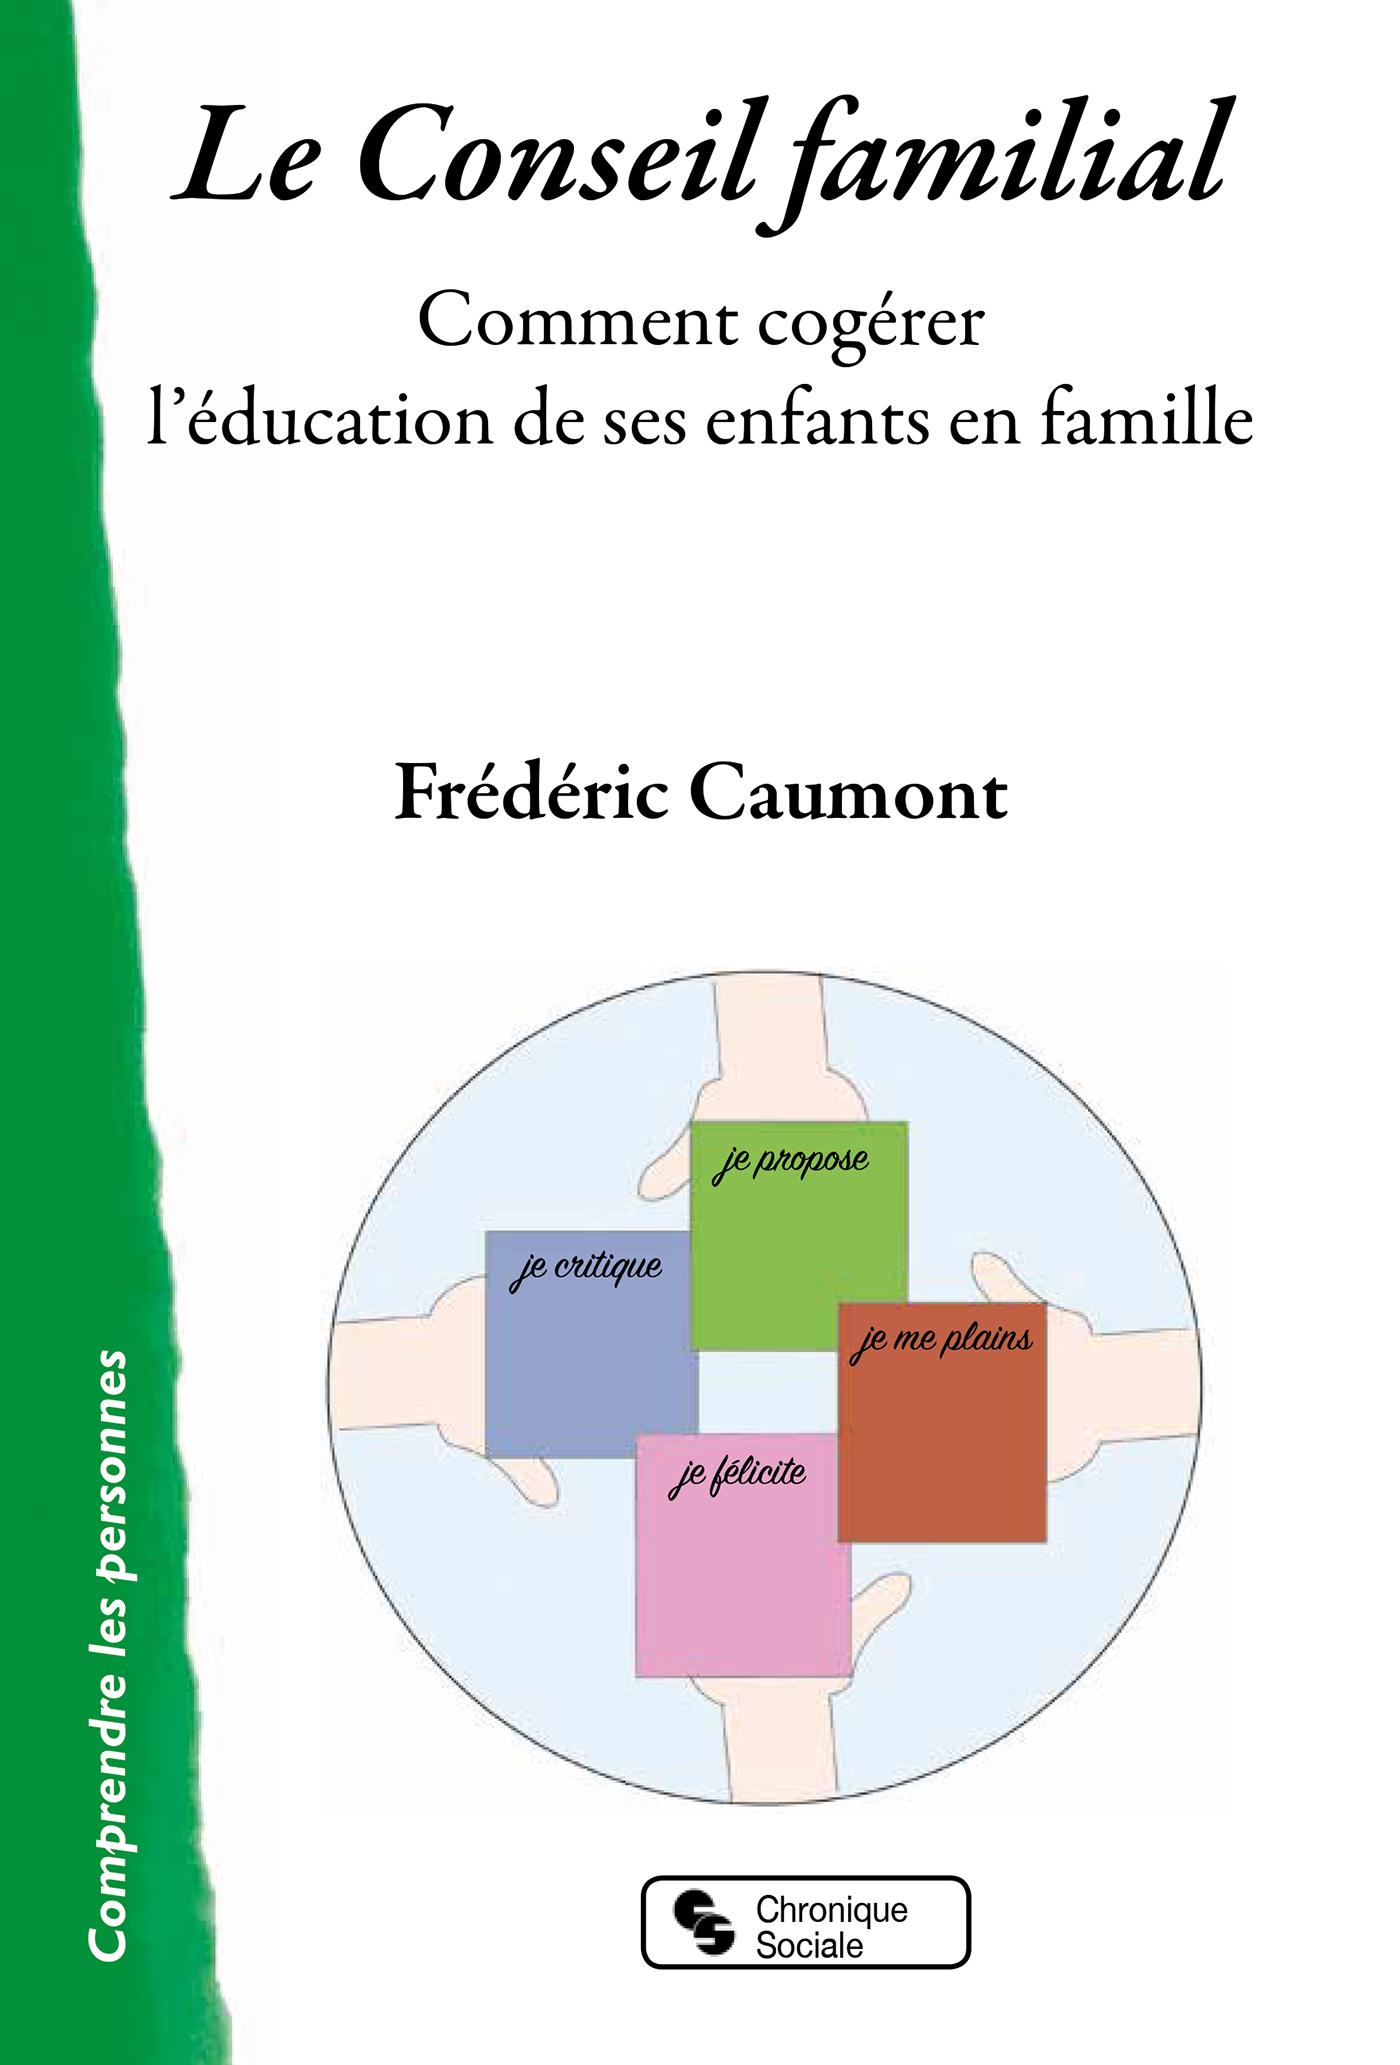 LE CONSEIL FAMILIAL - COMMENT COGERER L'EDUCATION DE SES ENFANTS EN FAMILLE